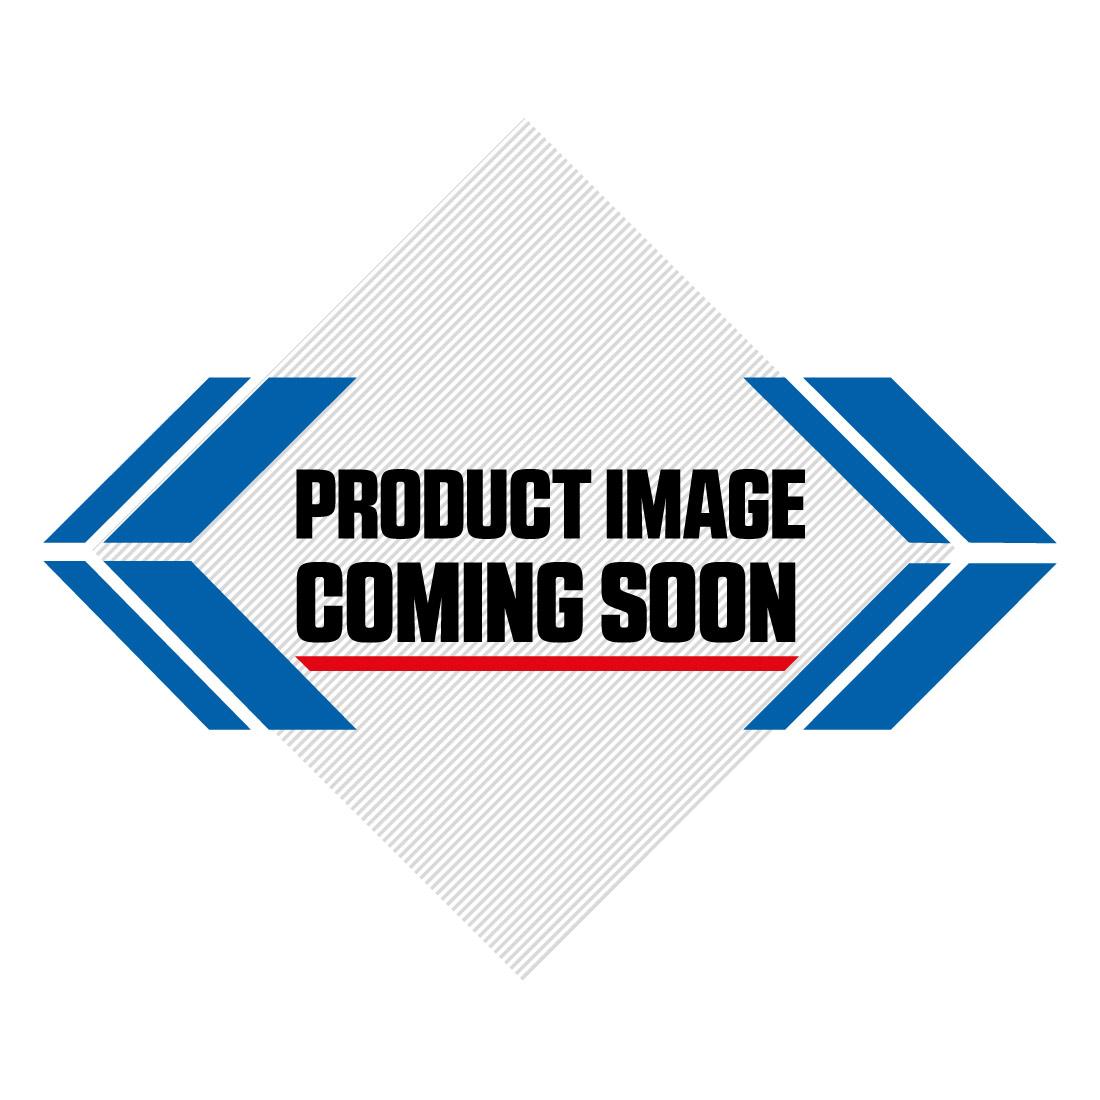 Husqvarna Plastic Kit OEM Factory (07-08) Image-4>